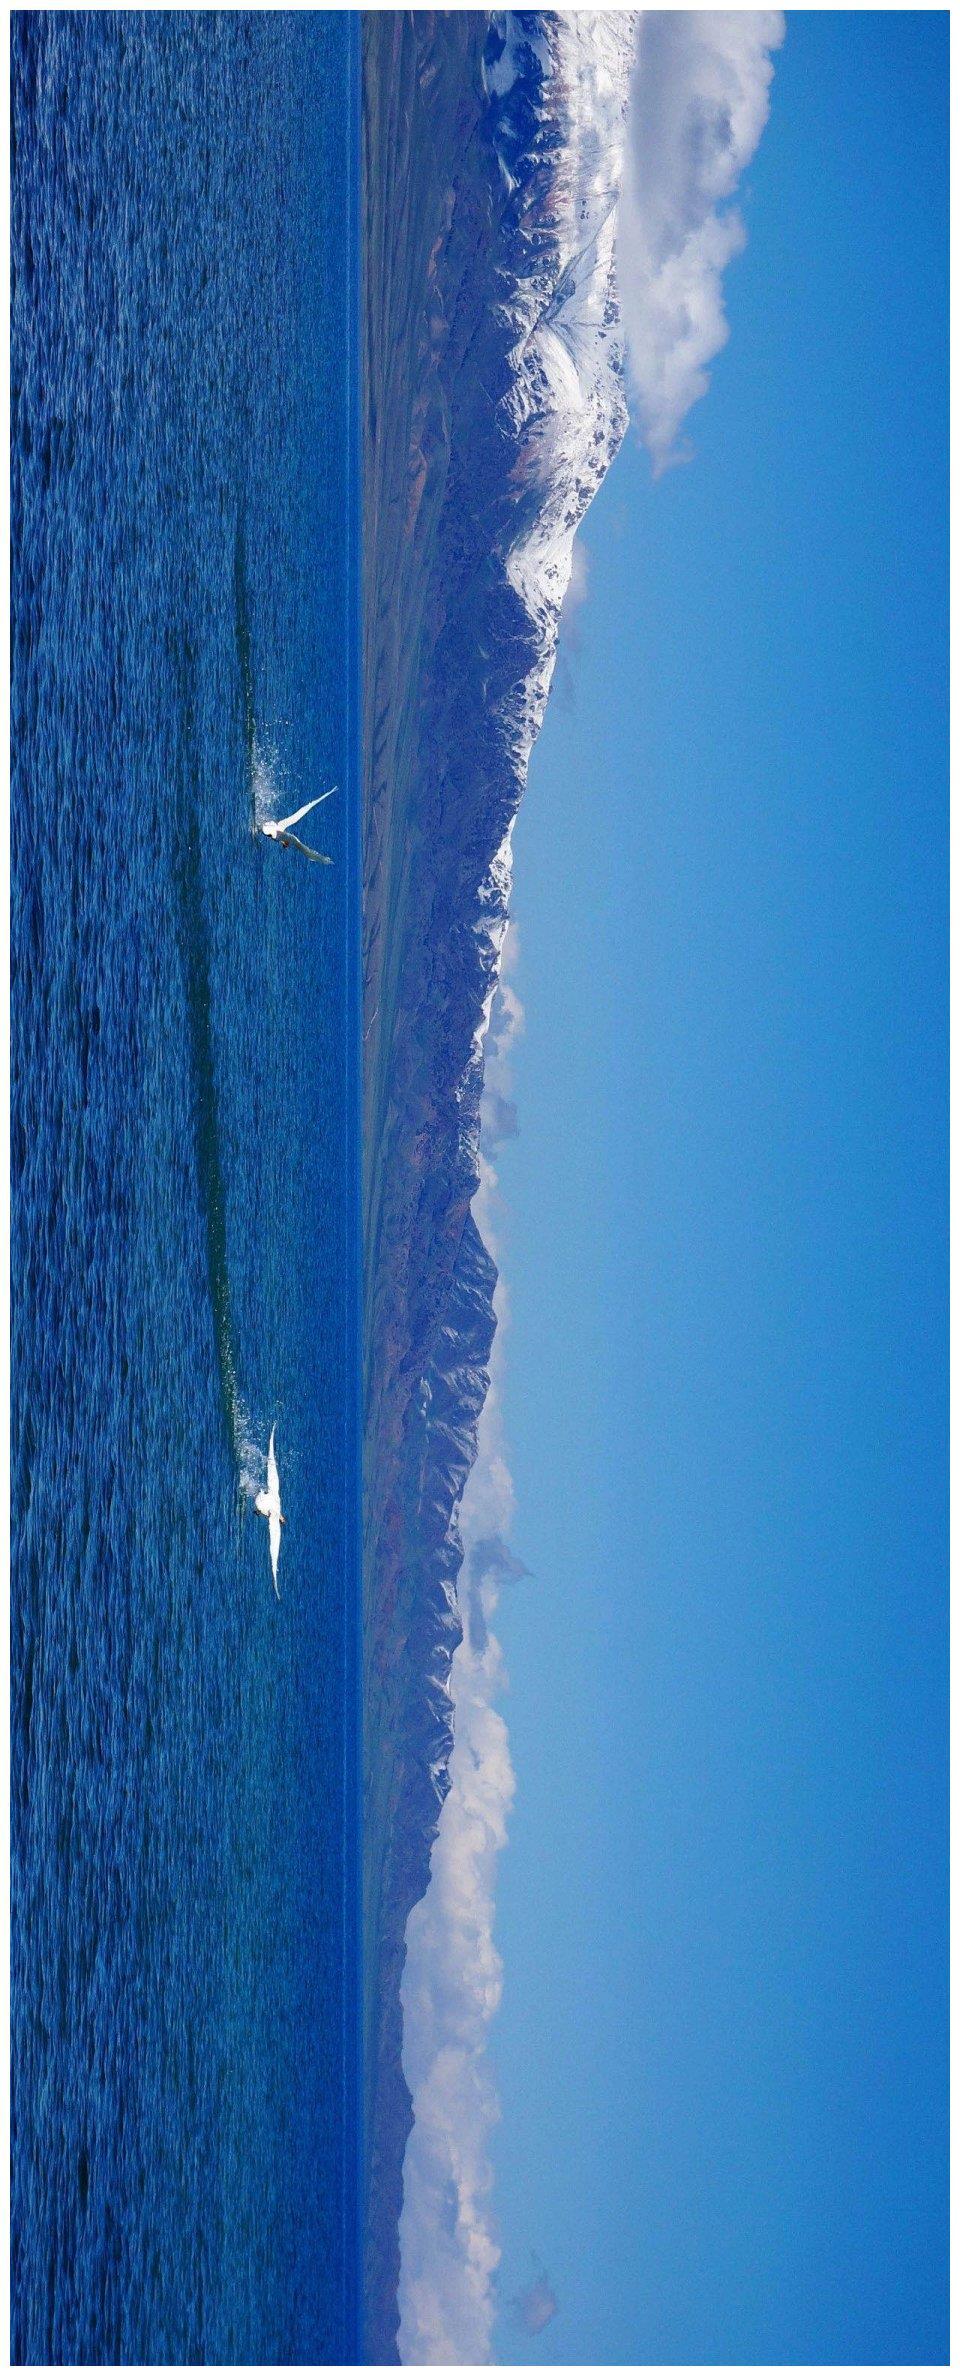 心灵四季 美丽中国 | 新疆是个好地方之博尔塔拉蒙古自治州